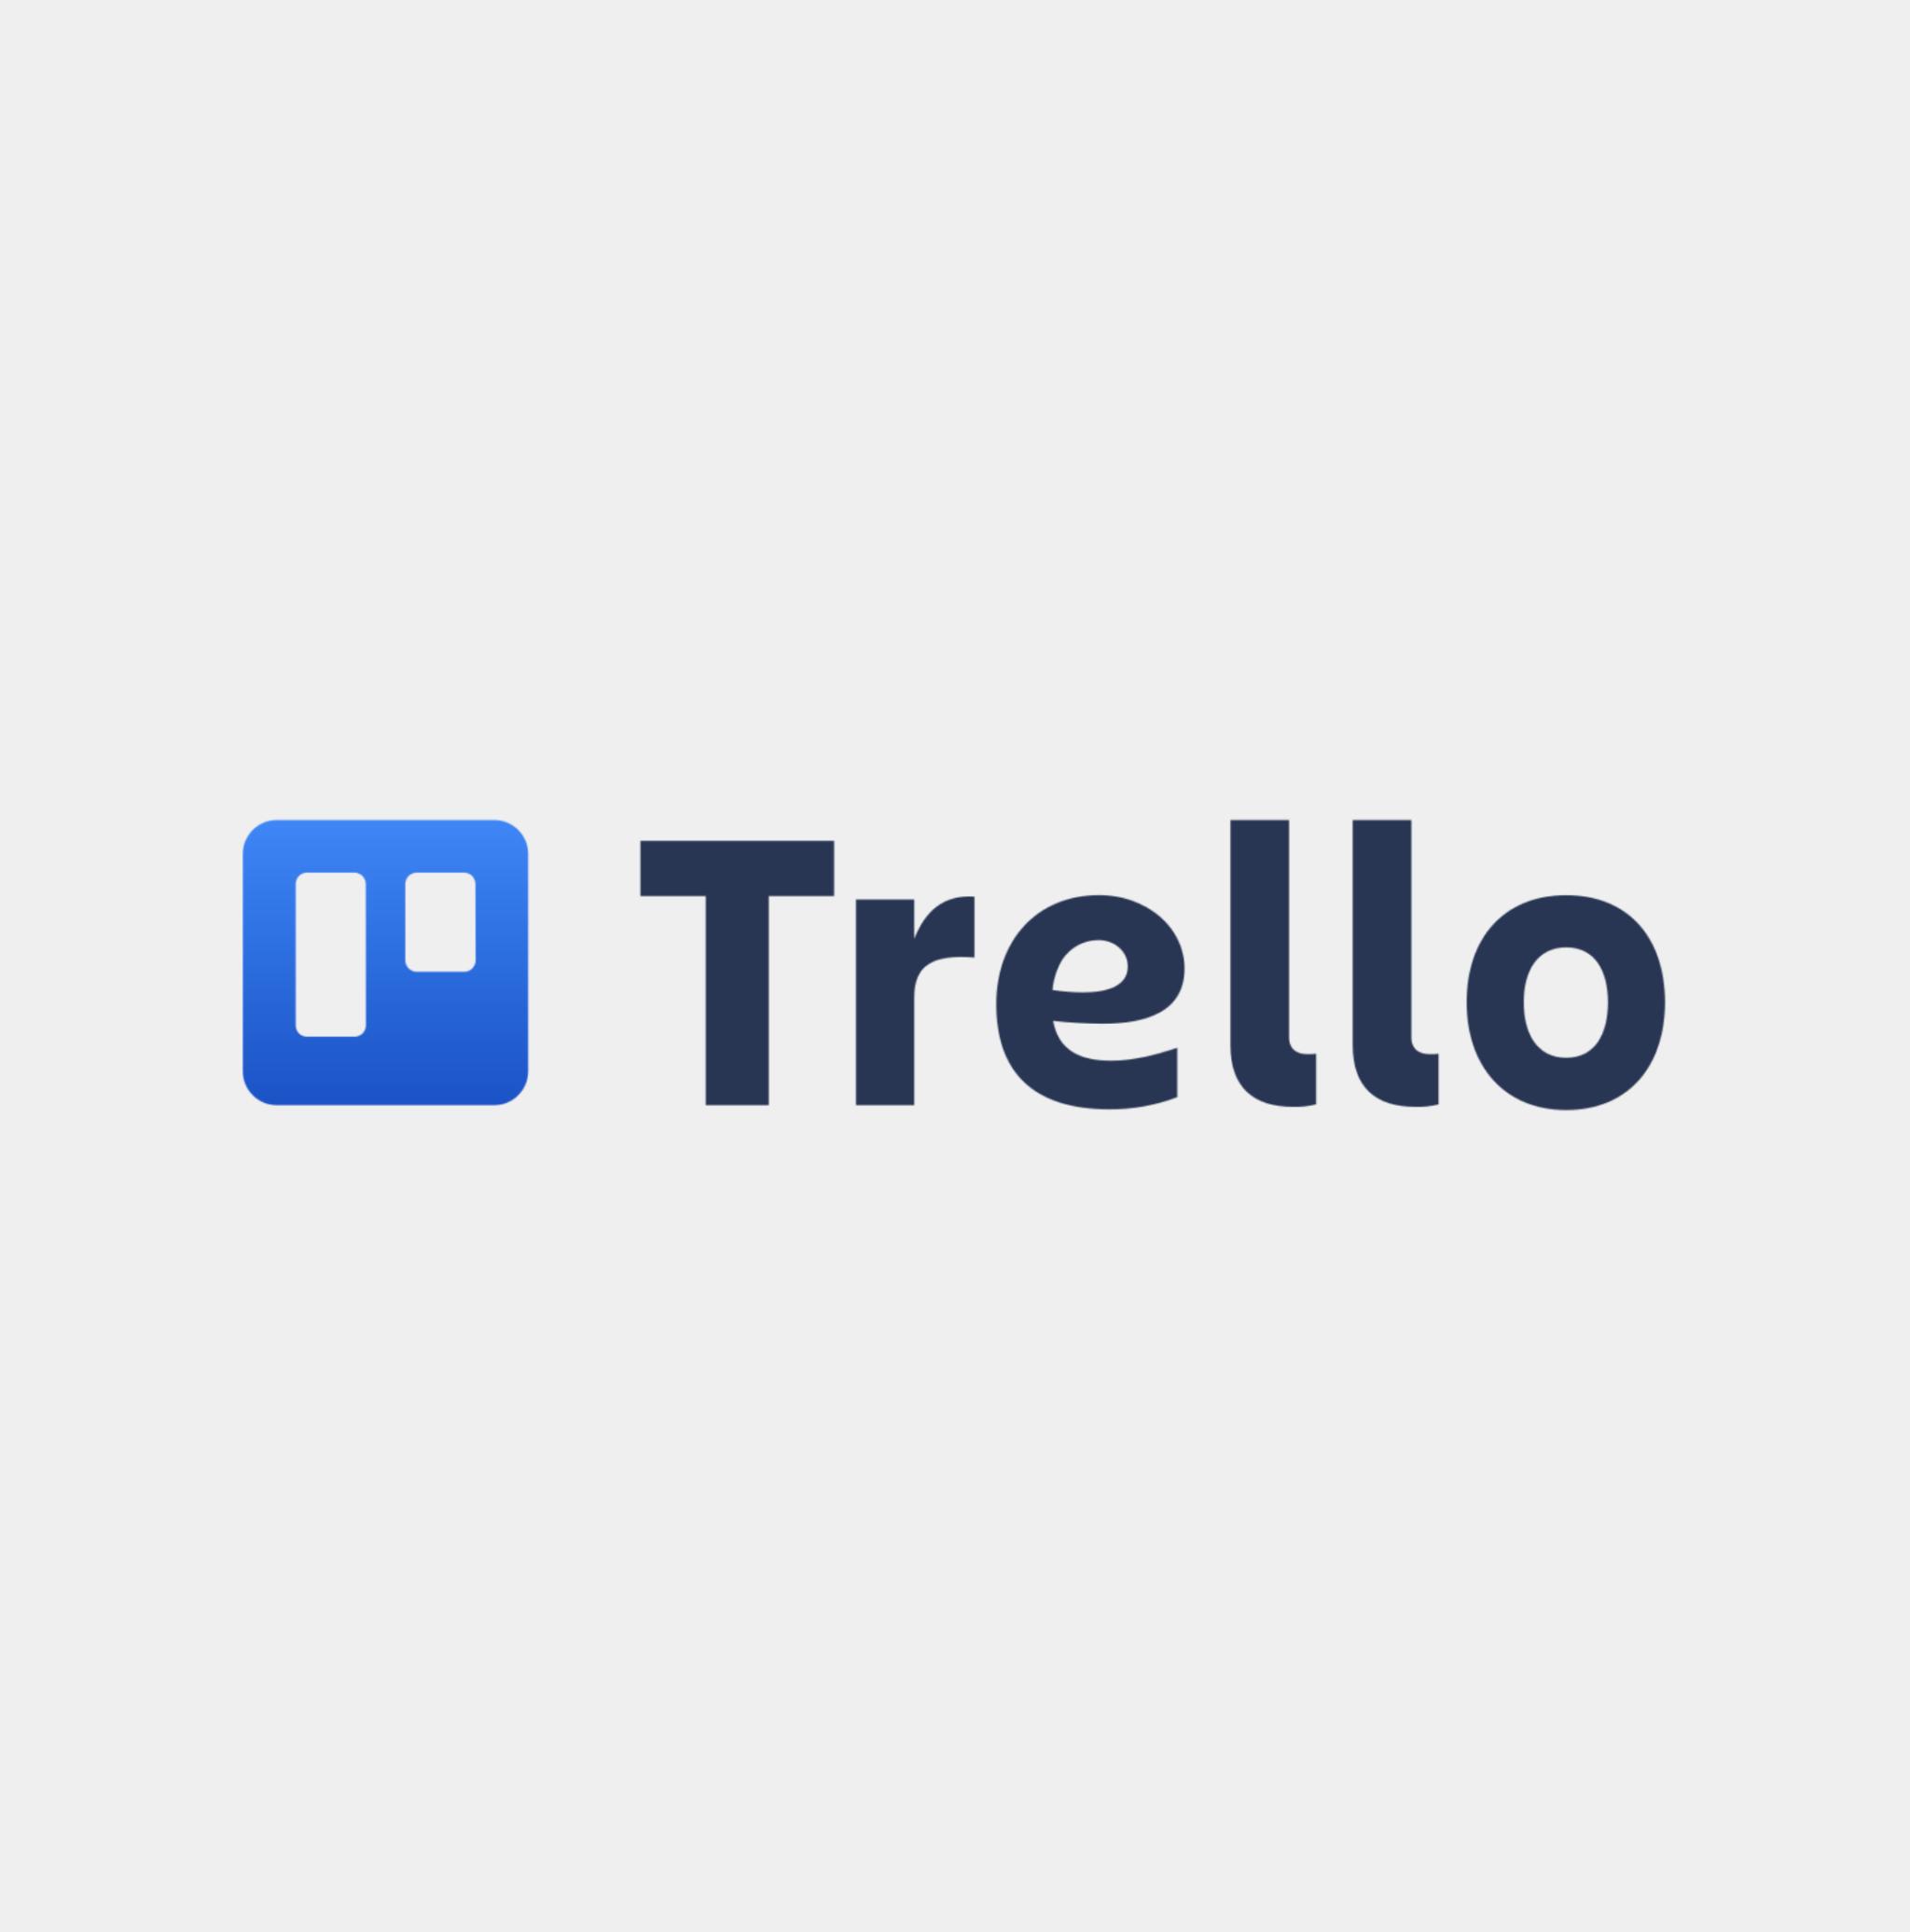 The logo for Trello.